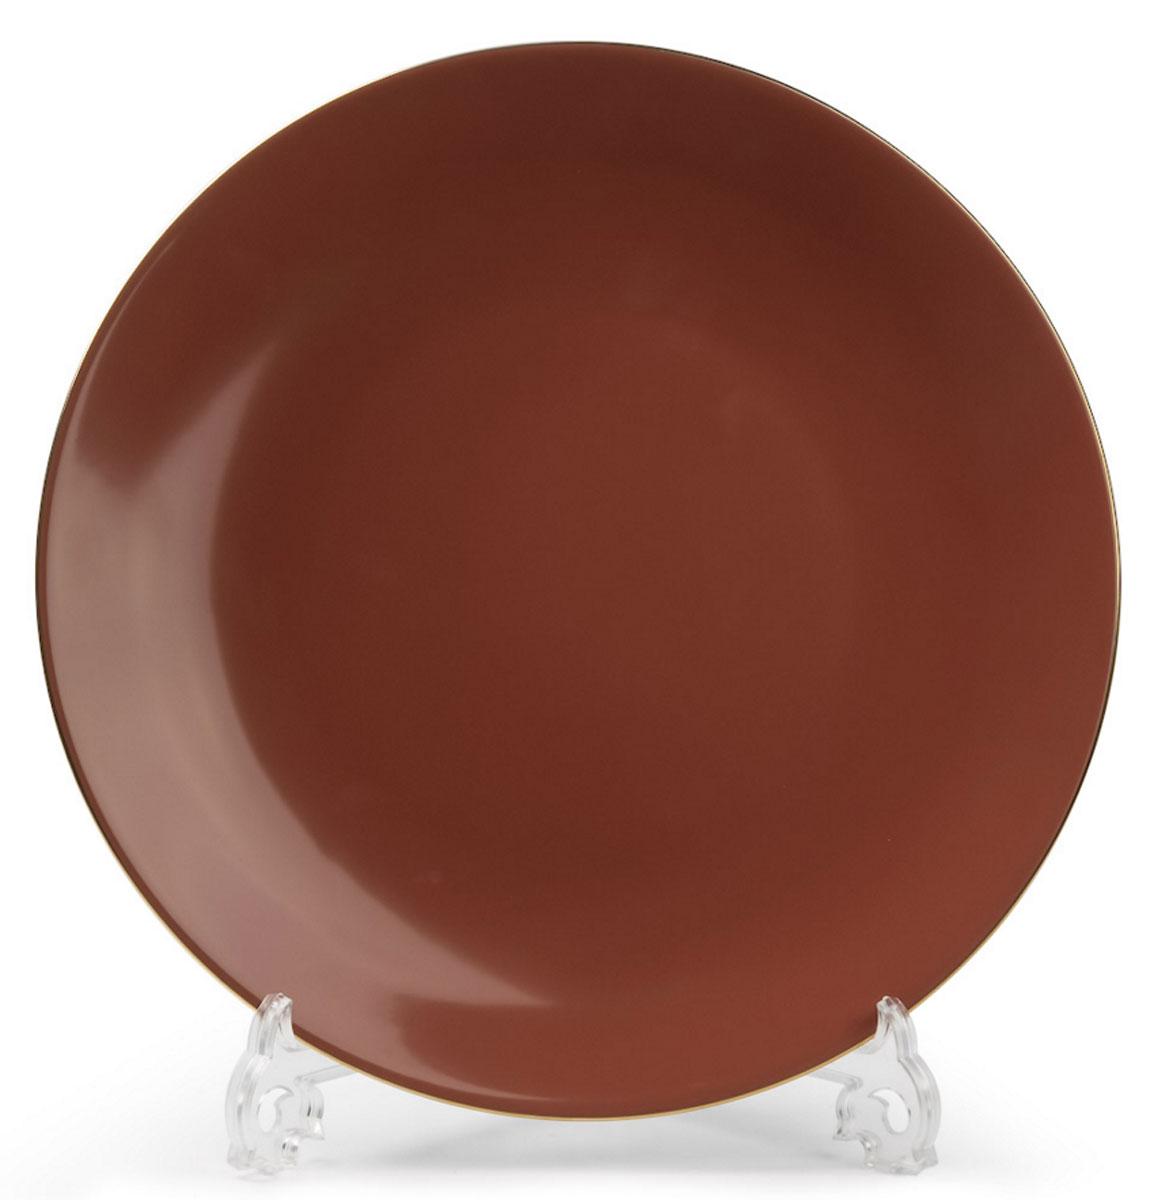 Monalisa 3126 набор глубоких тарелок*6 шт, цвет: мокко с золотом54 009312В наборе глубокая тарелка 6 штук Материал: фарфор: цвет: мокко с золотомСерия: MONALISA